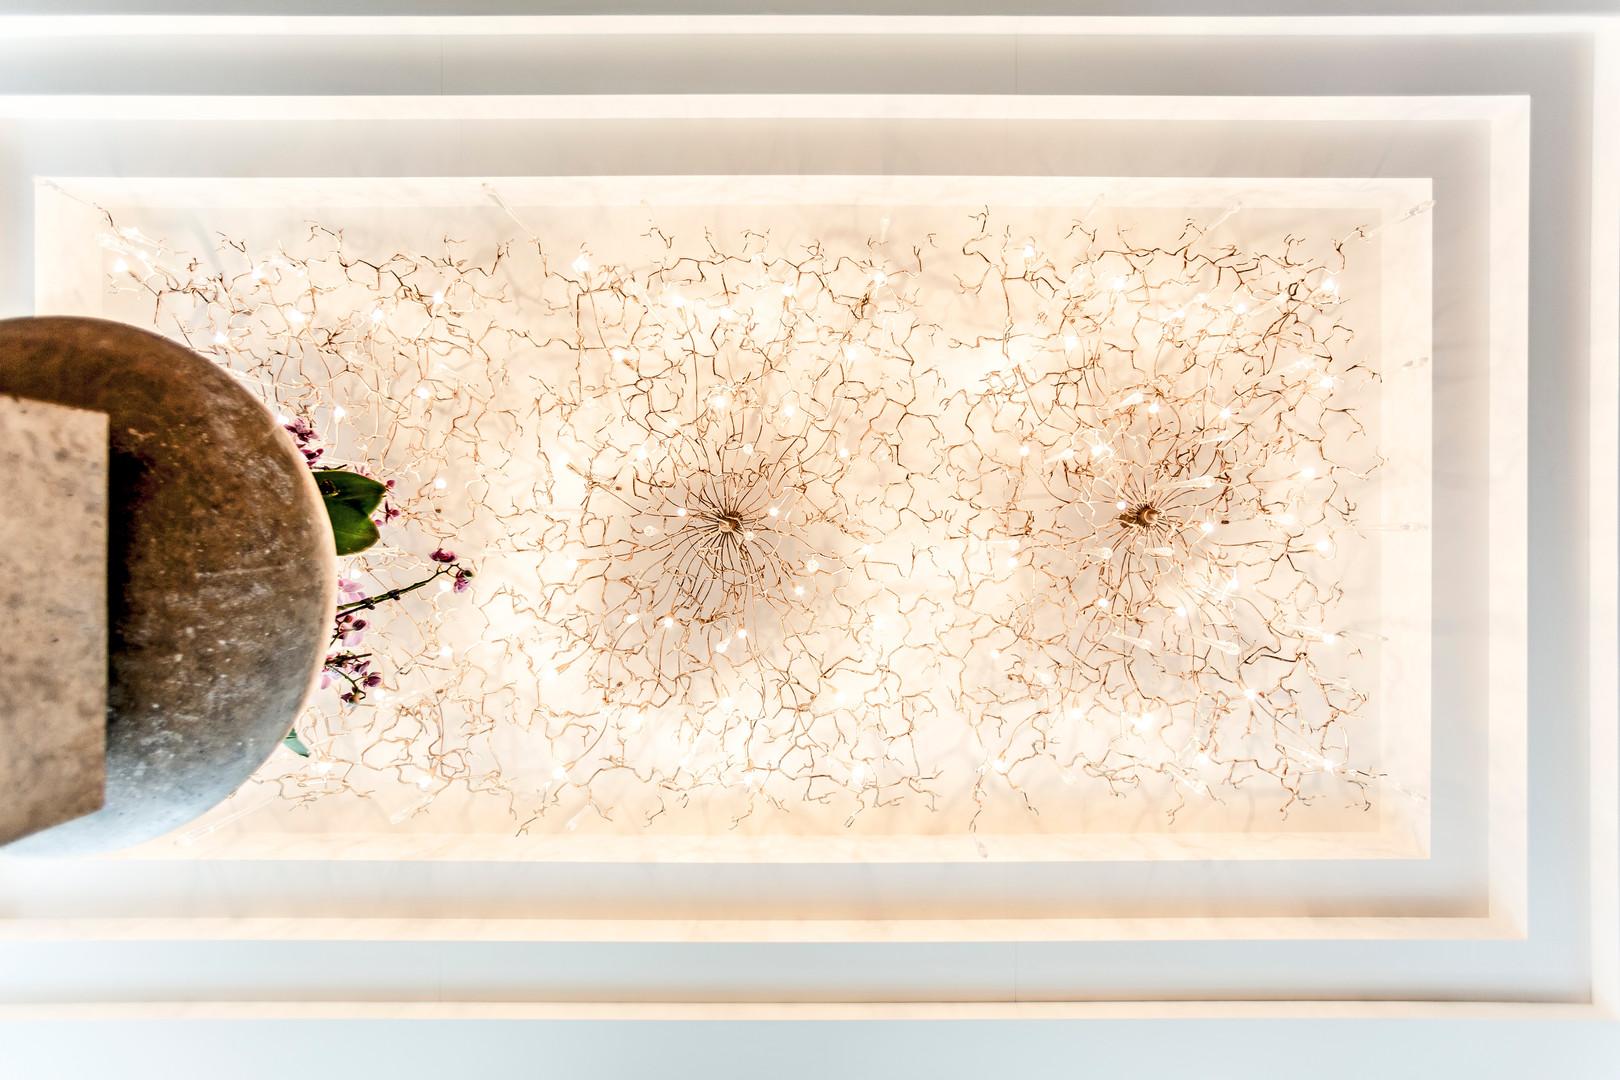 Коллекция Serip Aqua, проект Luxury Vitalhotel, Германия